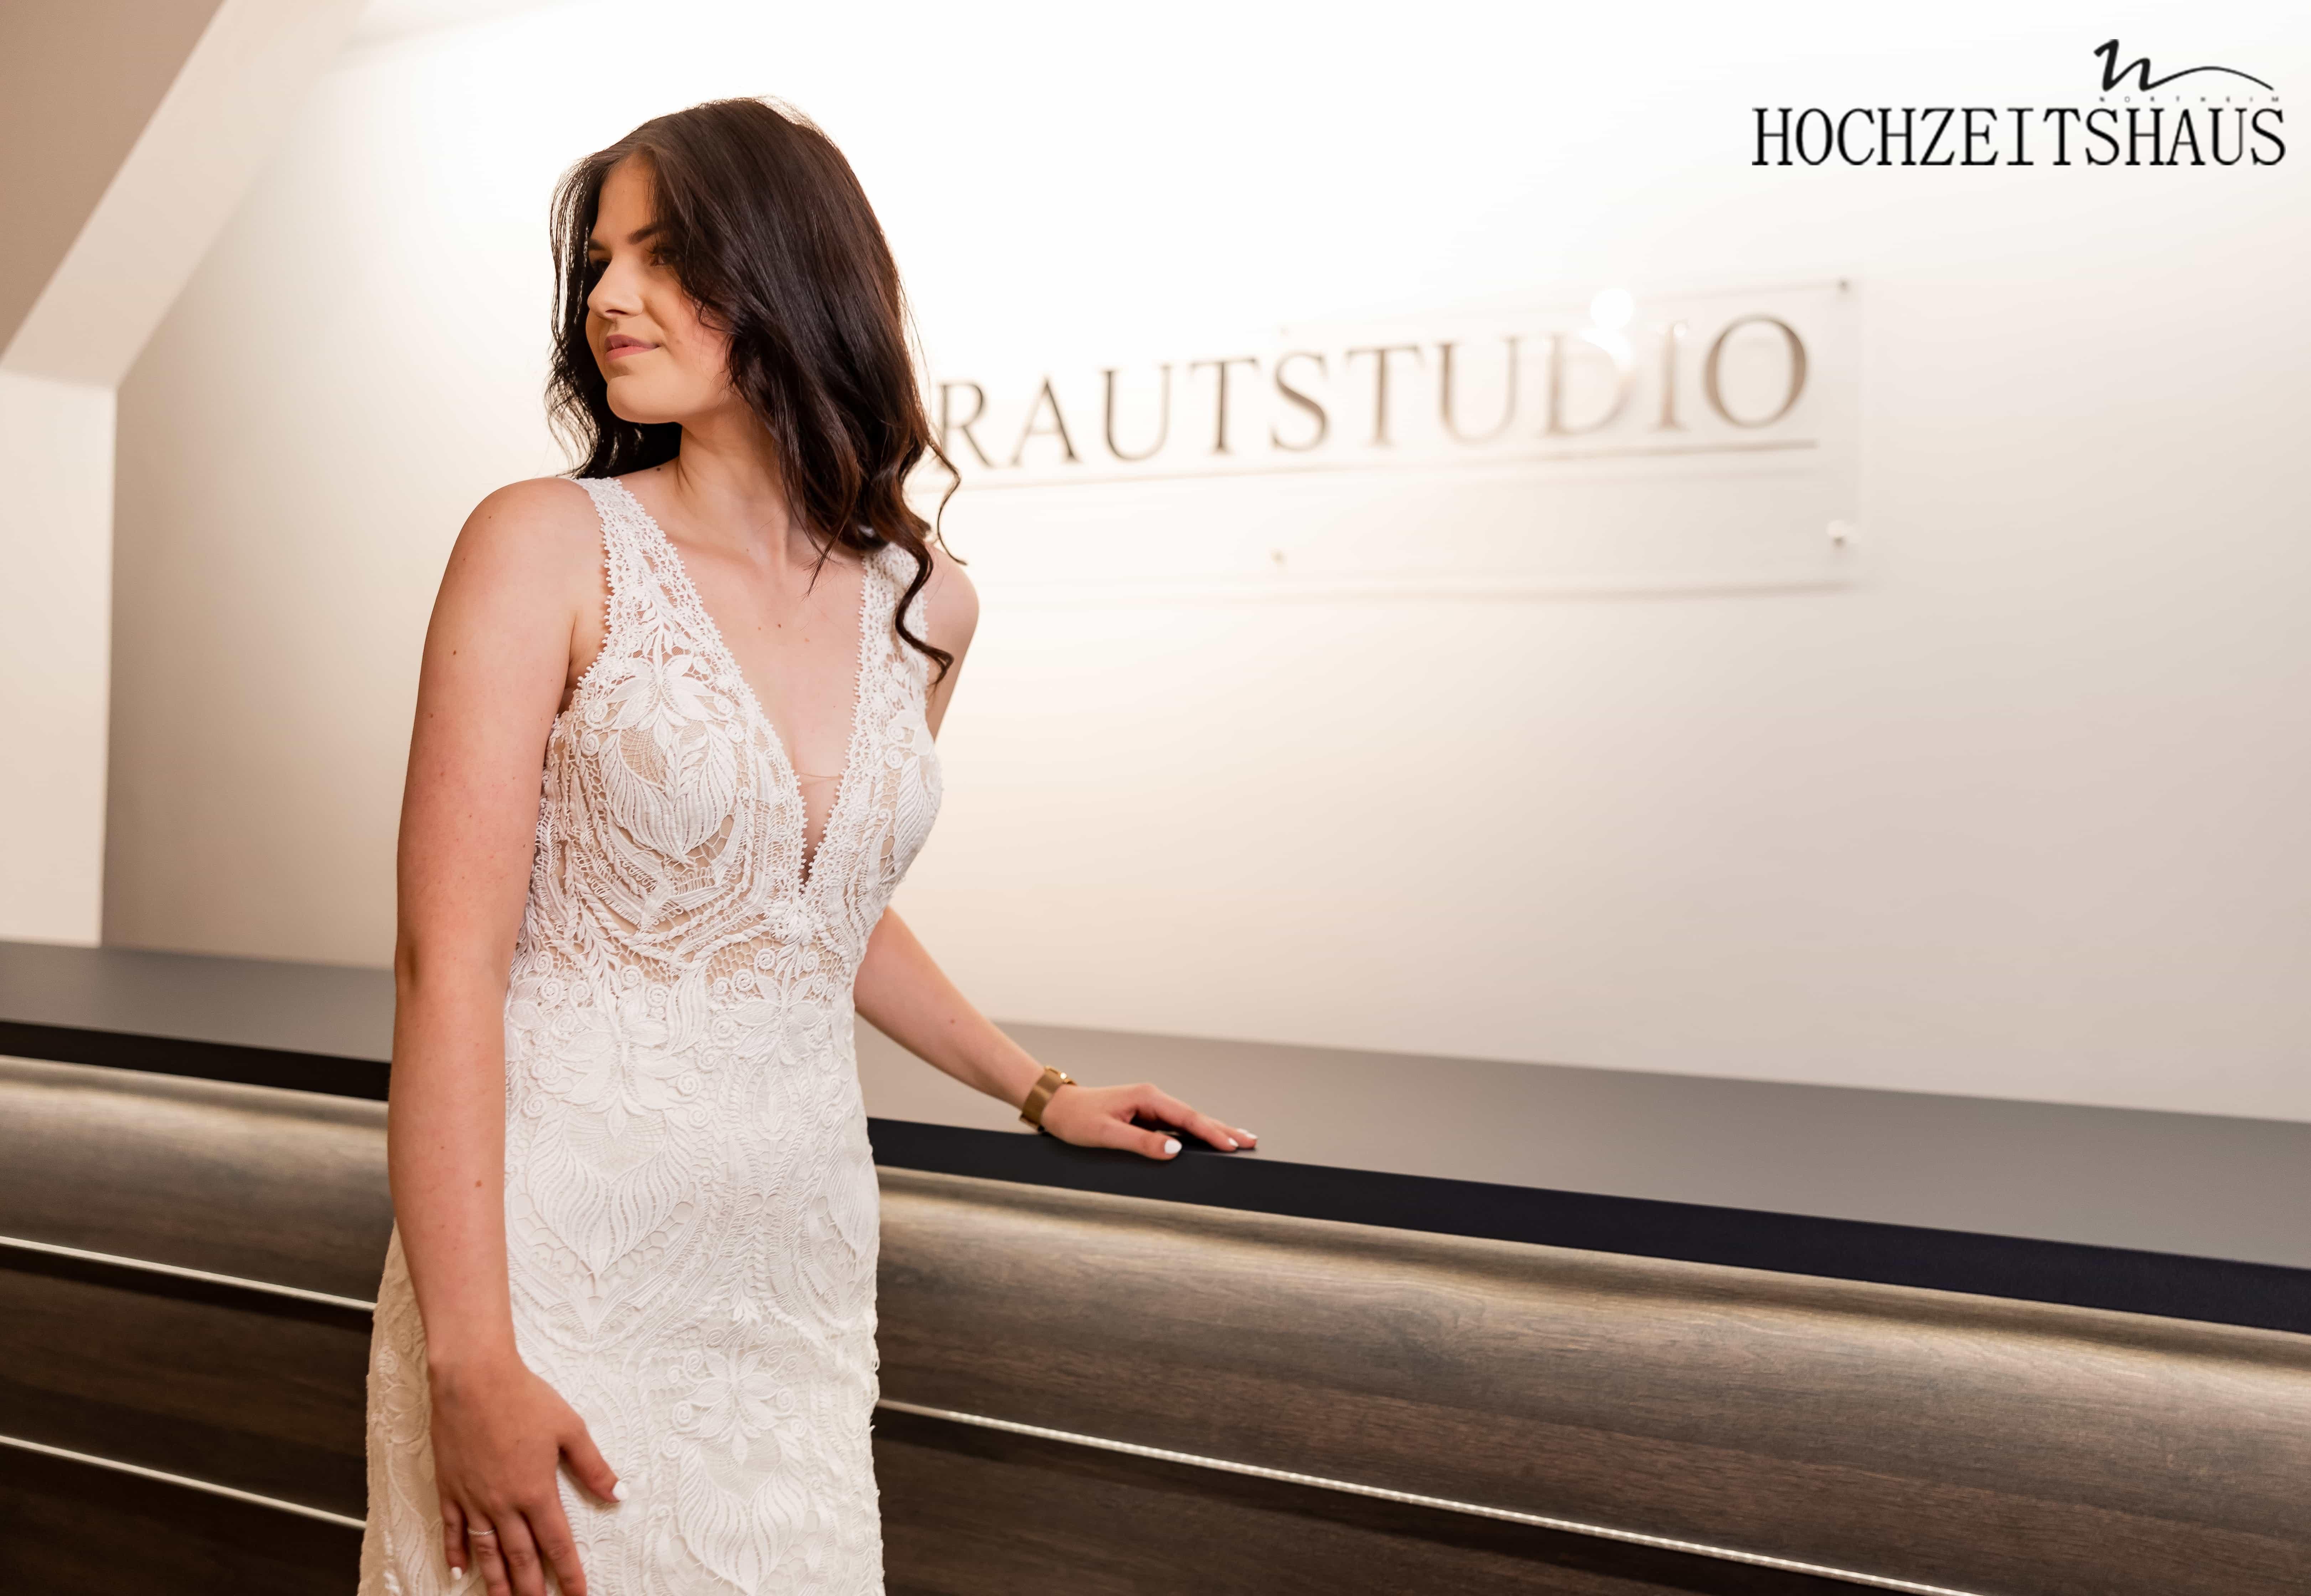 junge Braut vor Spiegel lachend in Brautkleid